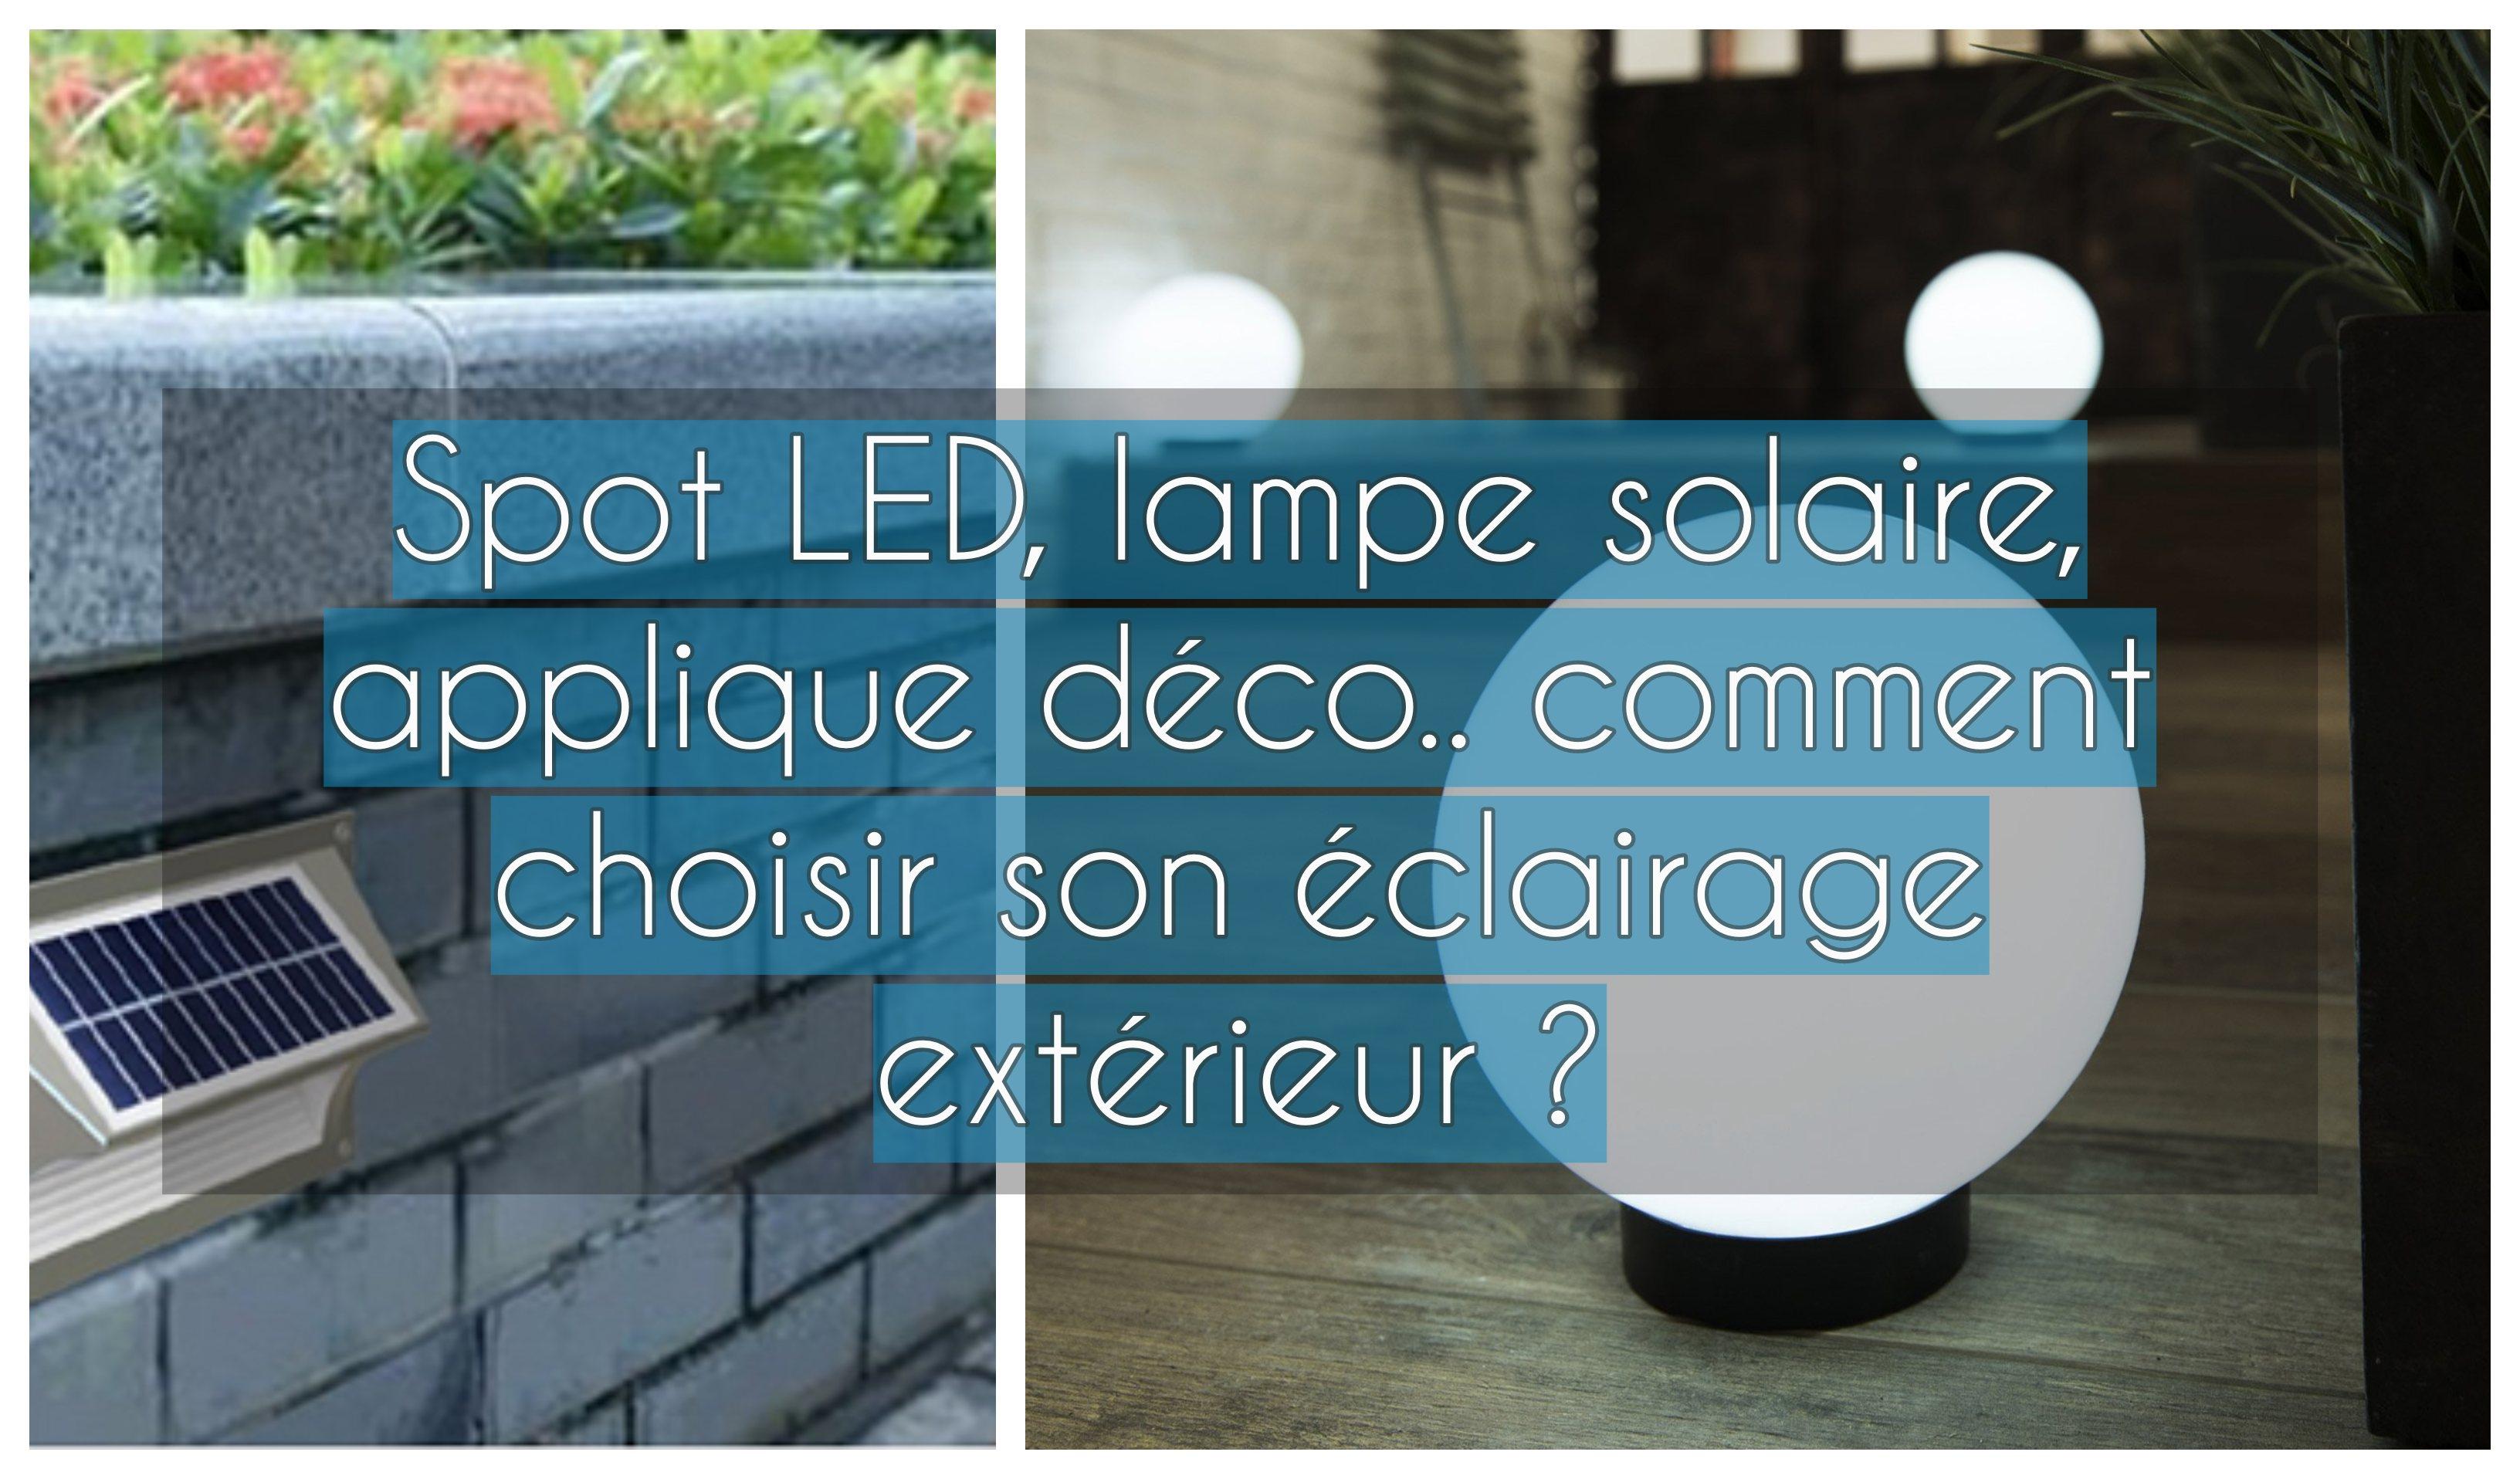 spot led lampe solaire applique d co comment choisir son clairage ext rieur. Black Bedroom Furniture Sets. Home Design Ideas